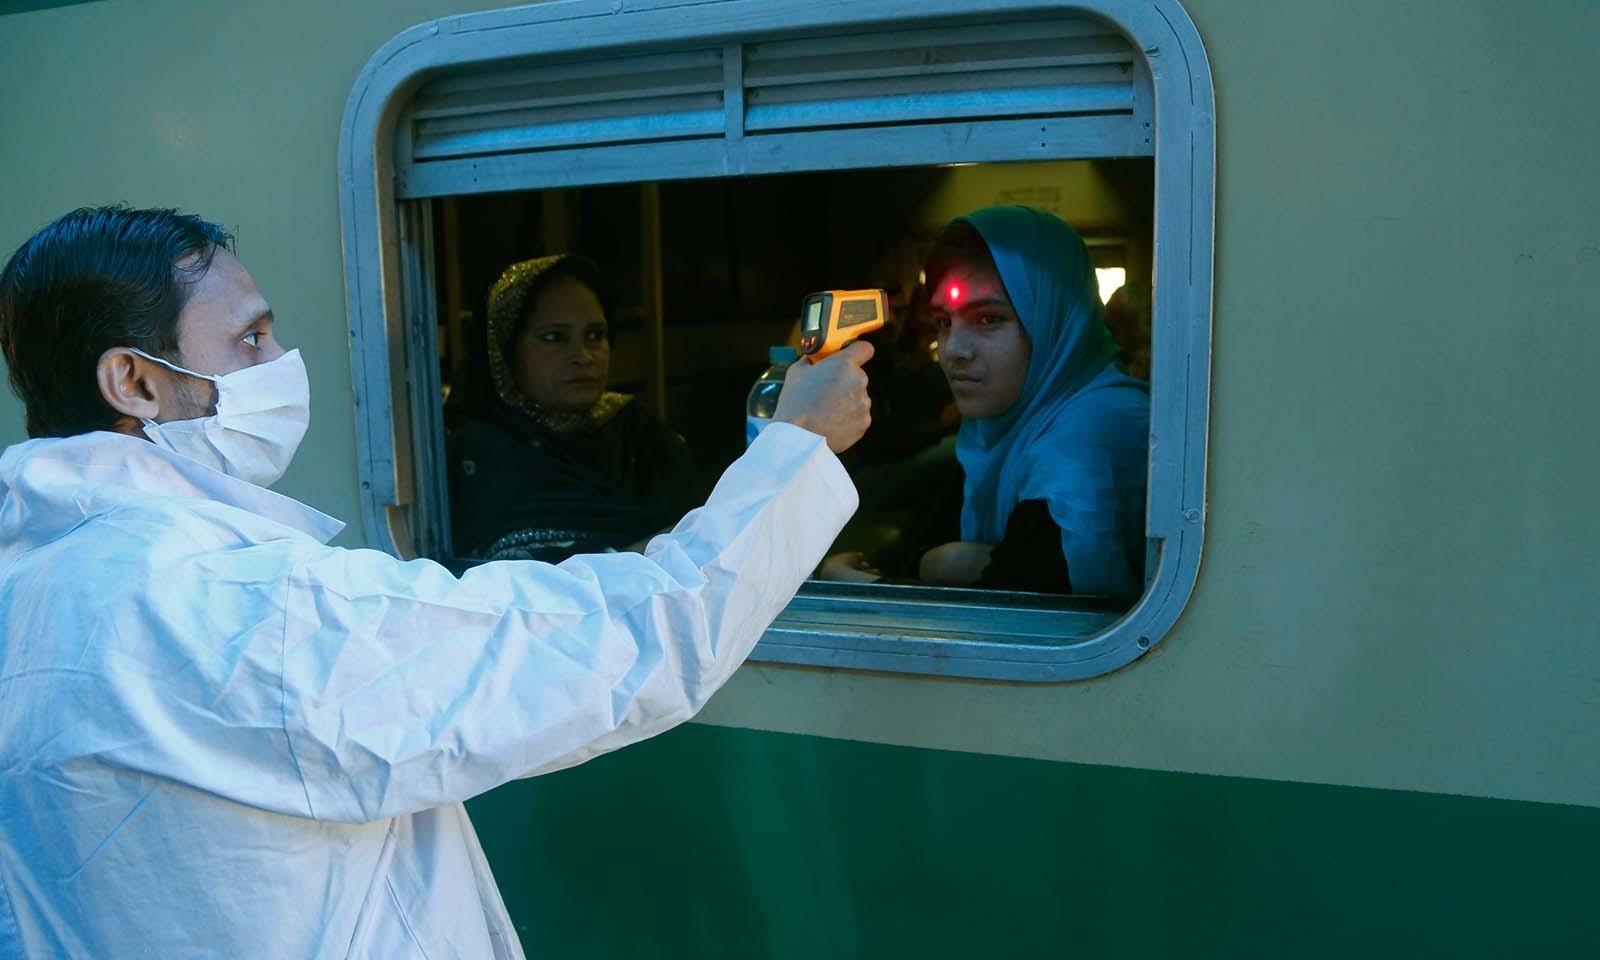 رضاکار ٹرین میں مسافروں کی اسکریننگ کر رہے ہیں — فوٹو: اے پی